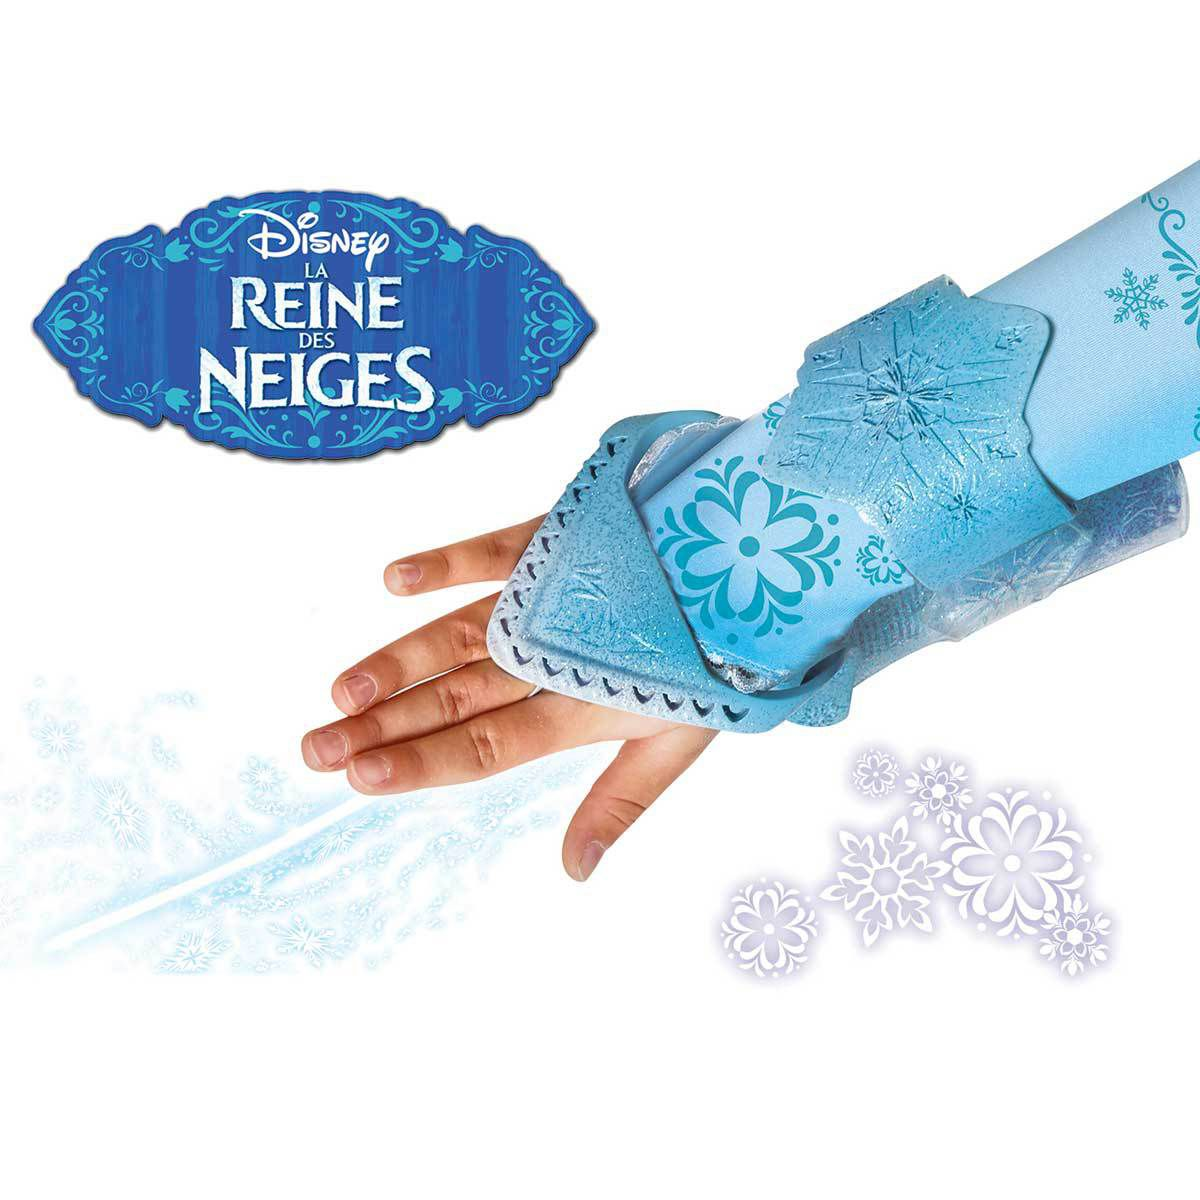 la reine des neiges gant magique elsa lance glace achat vente d guisement panoplie. Black Bedroom Furniture Sets. Home Design Ideas